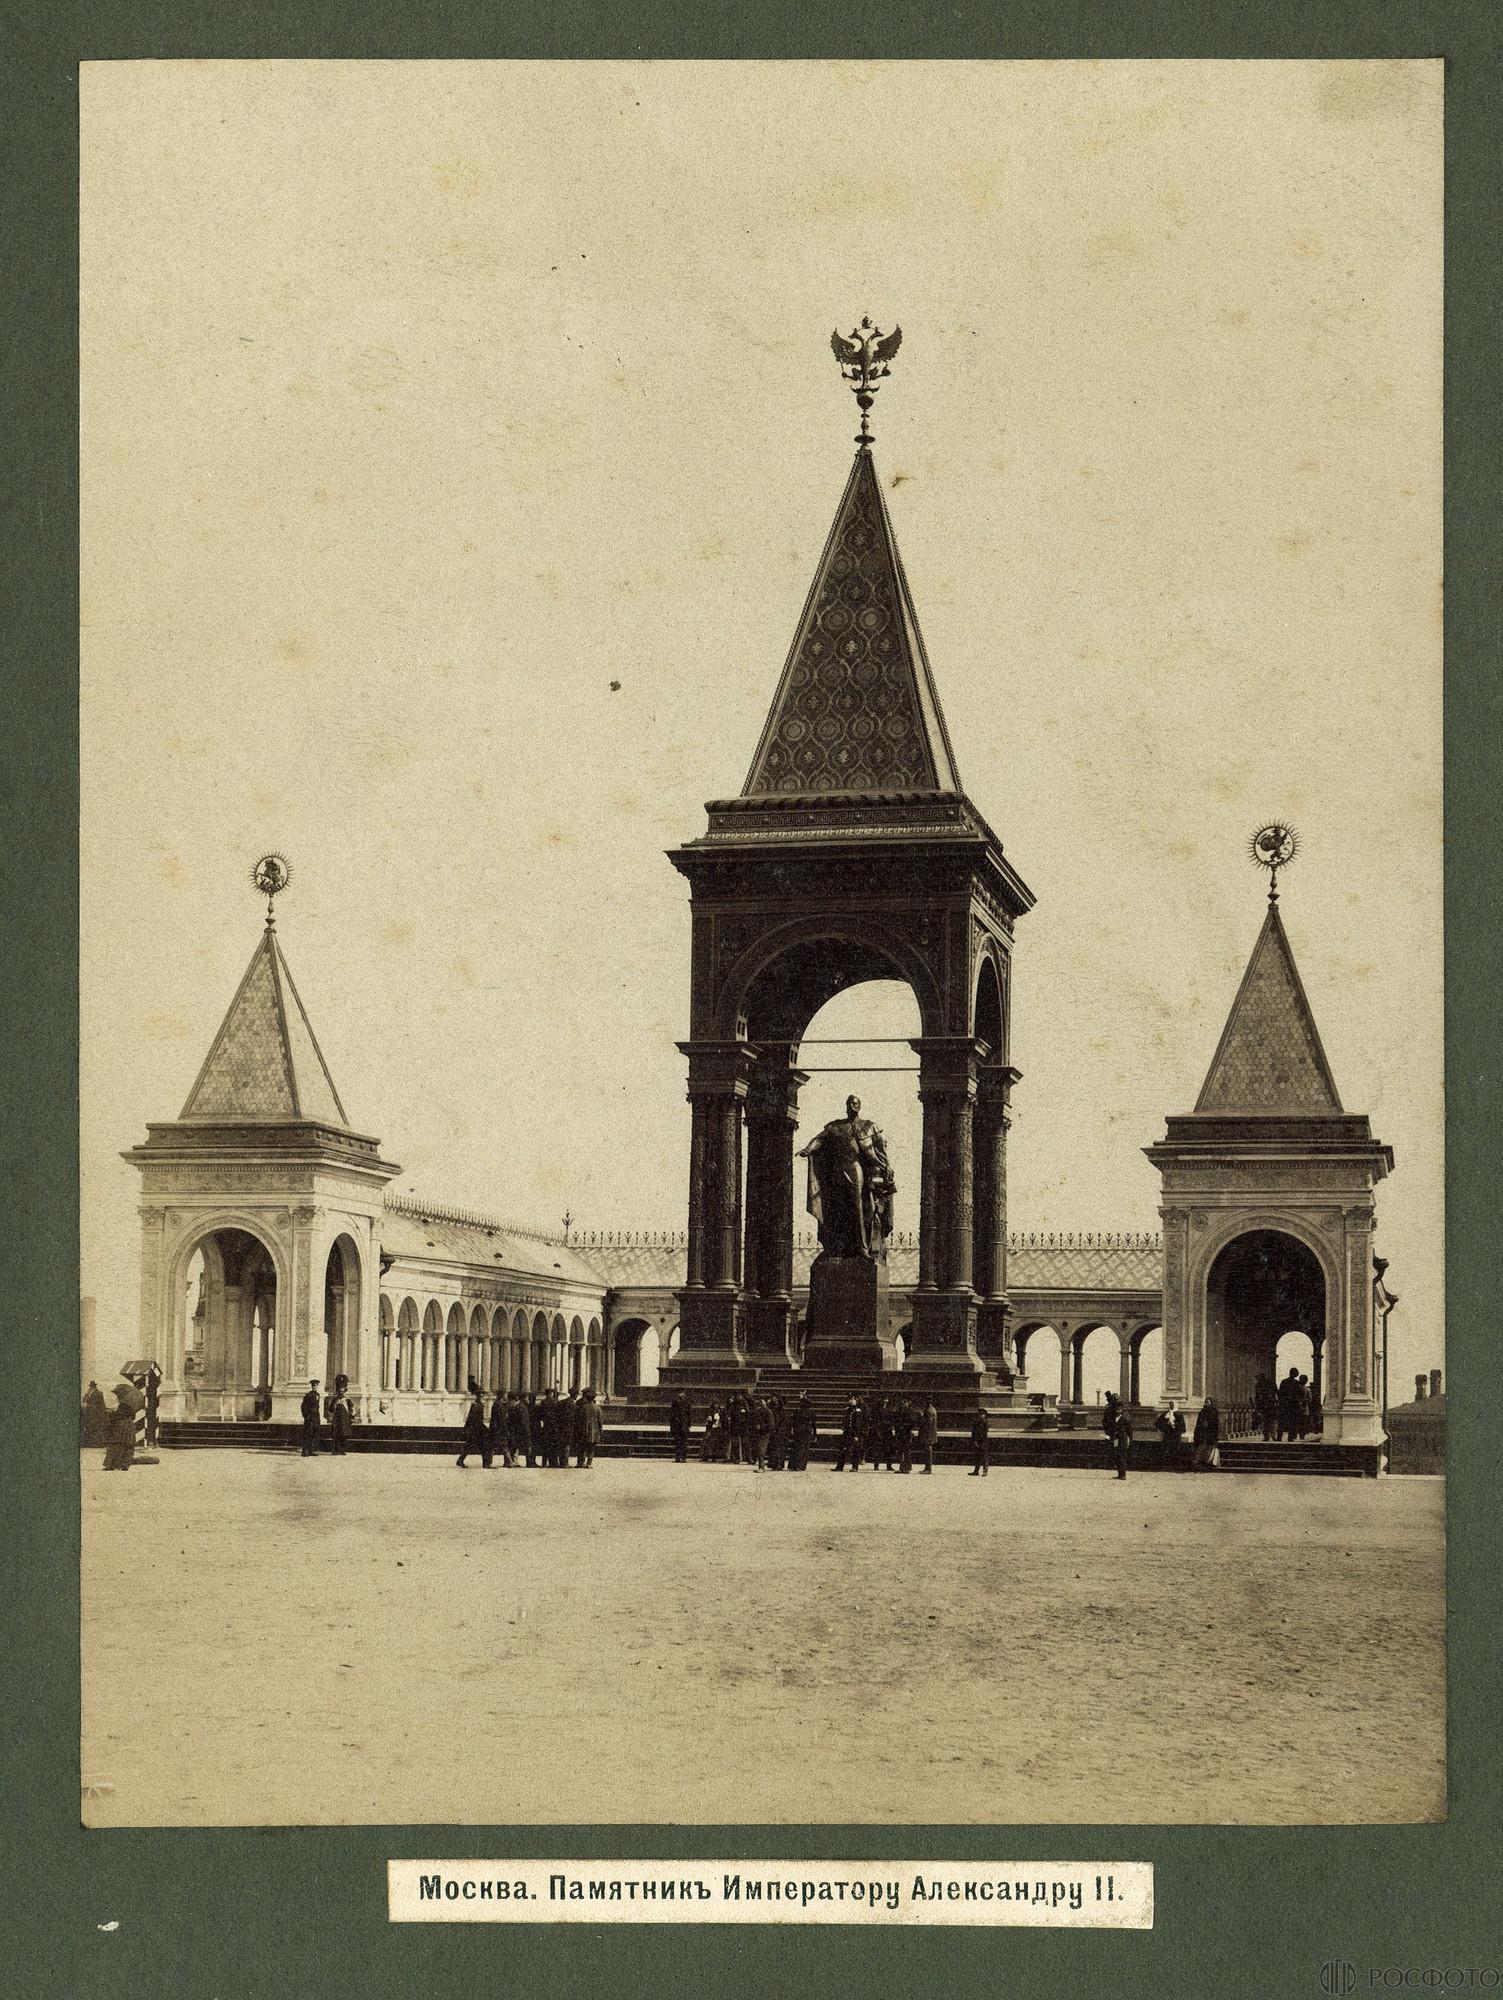 Памятник императору Александру II в Кремле